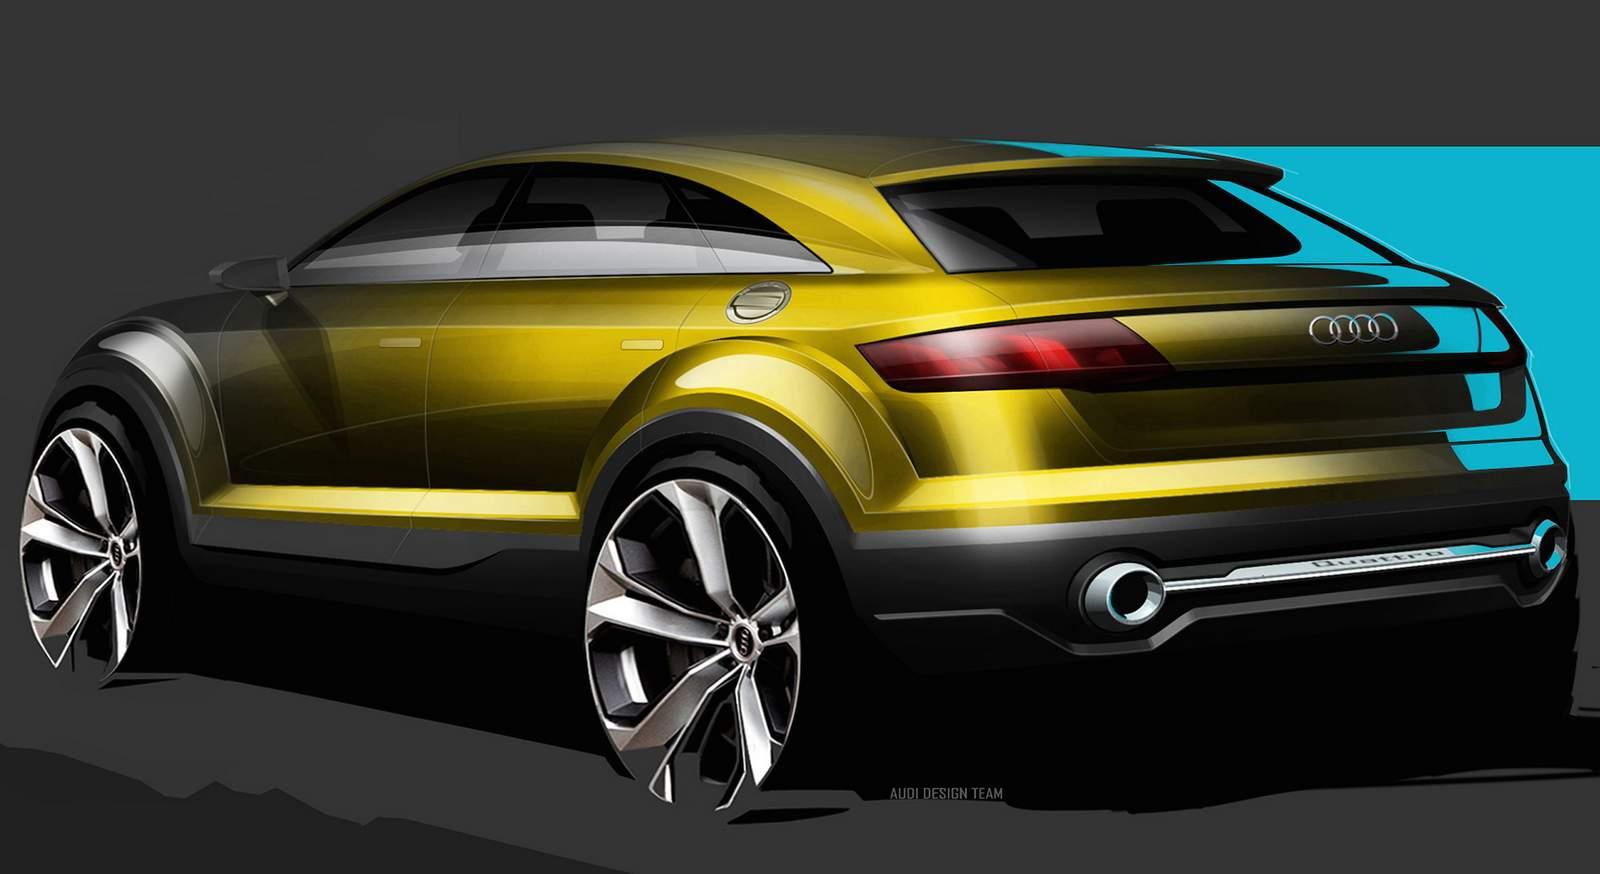 Novo Audi Q4